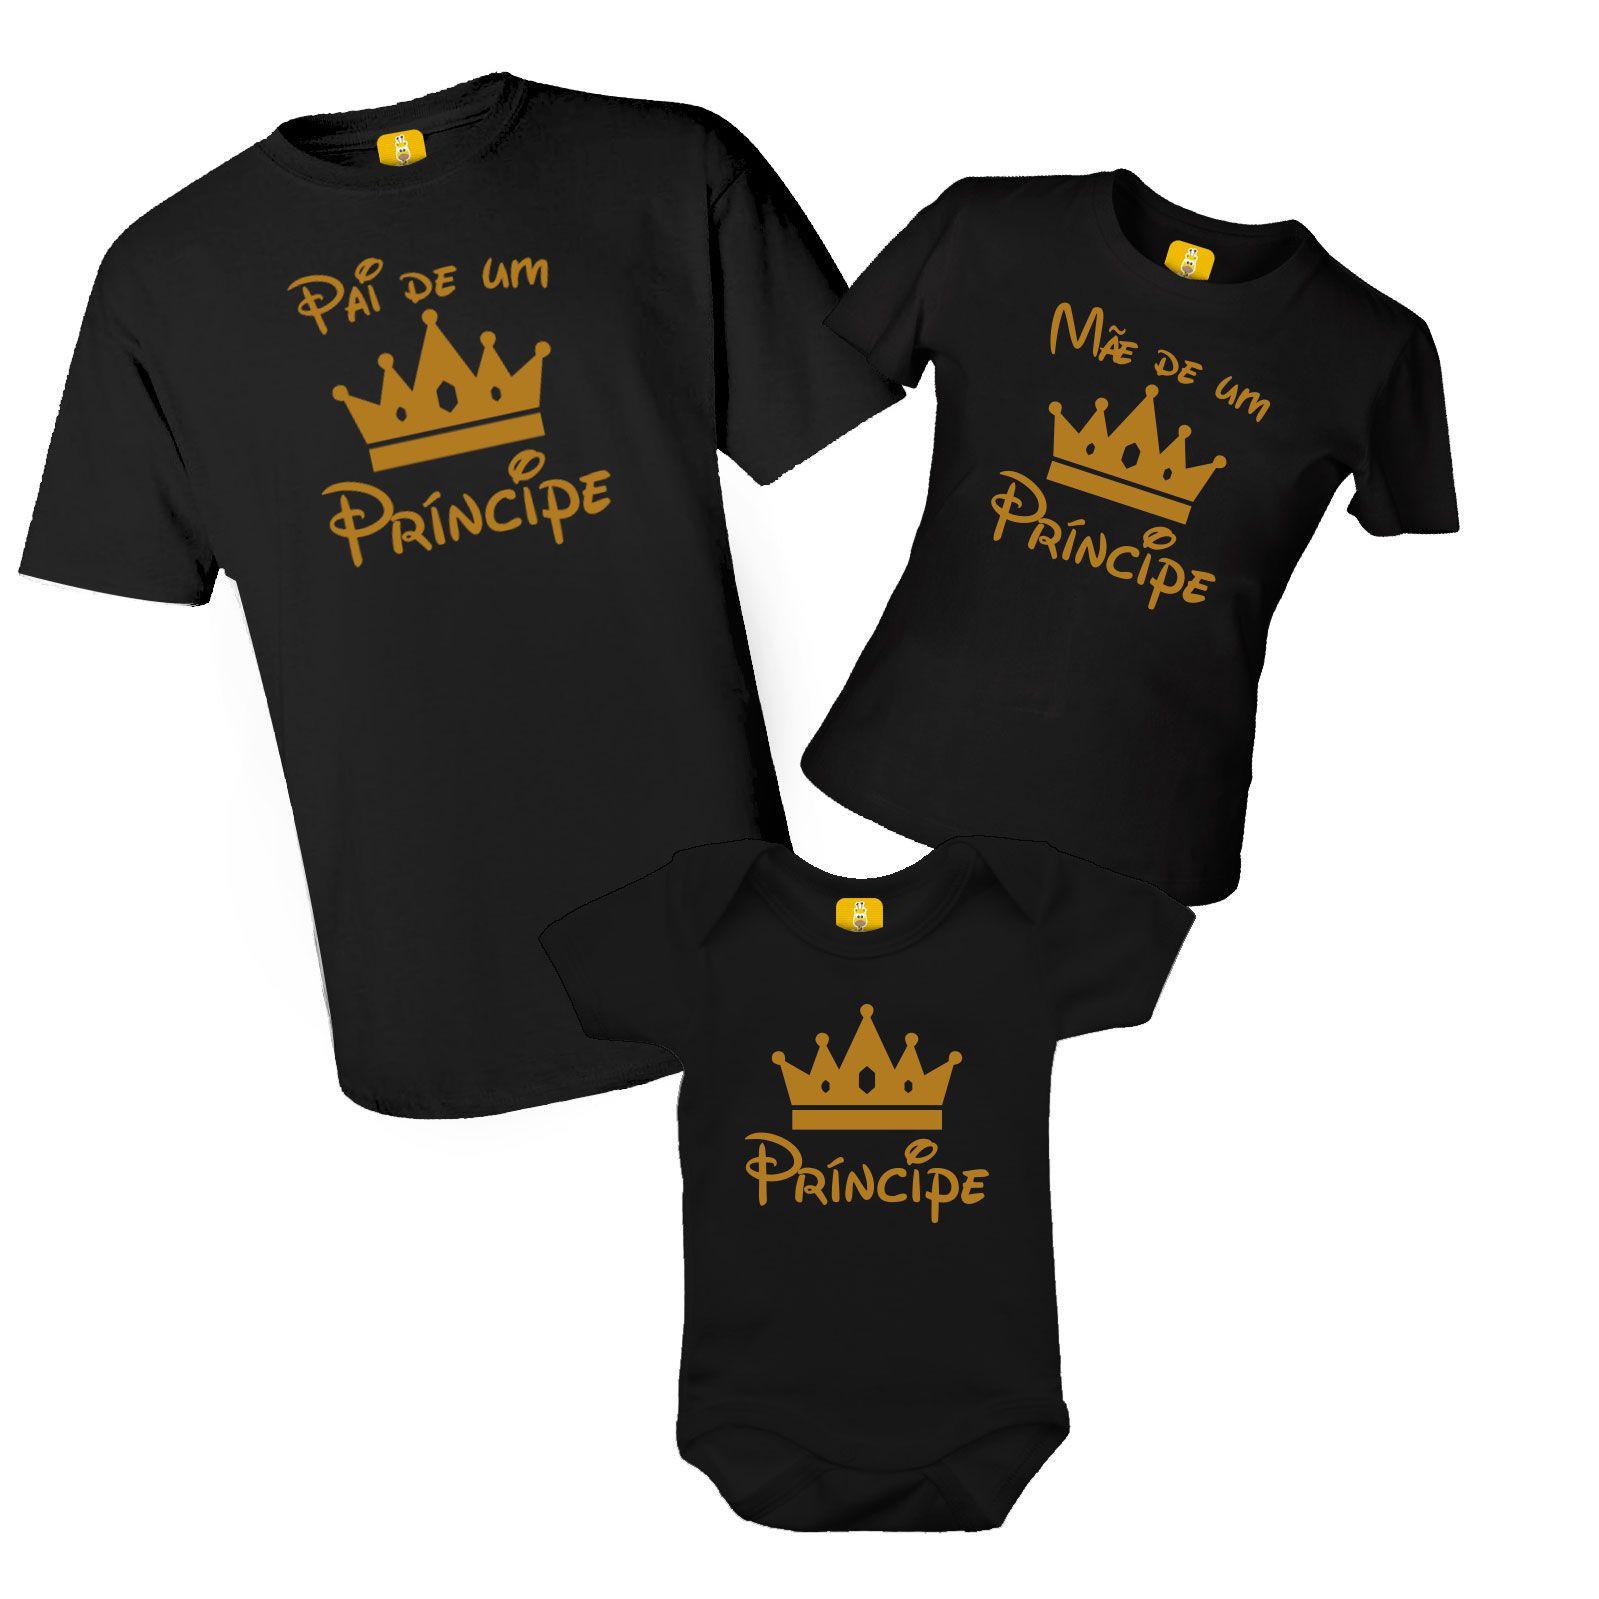 Kit camiseta e body - Pai de um Príncipe